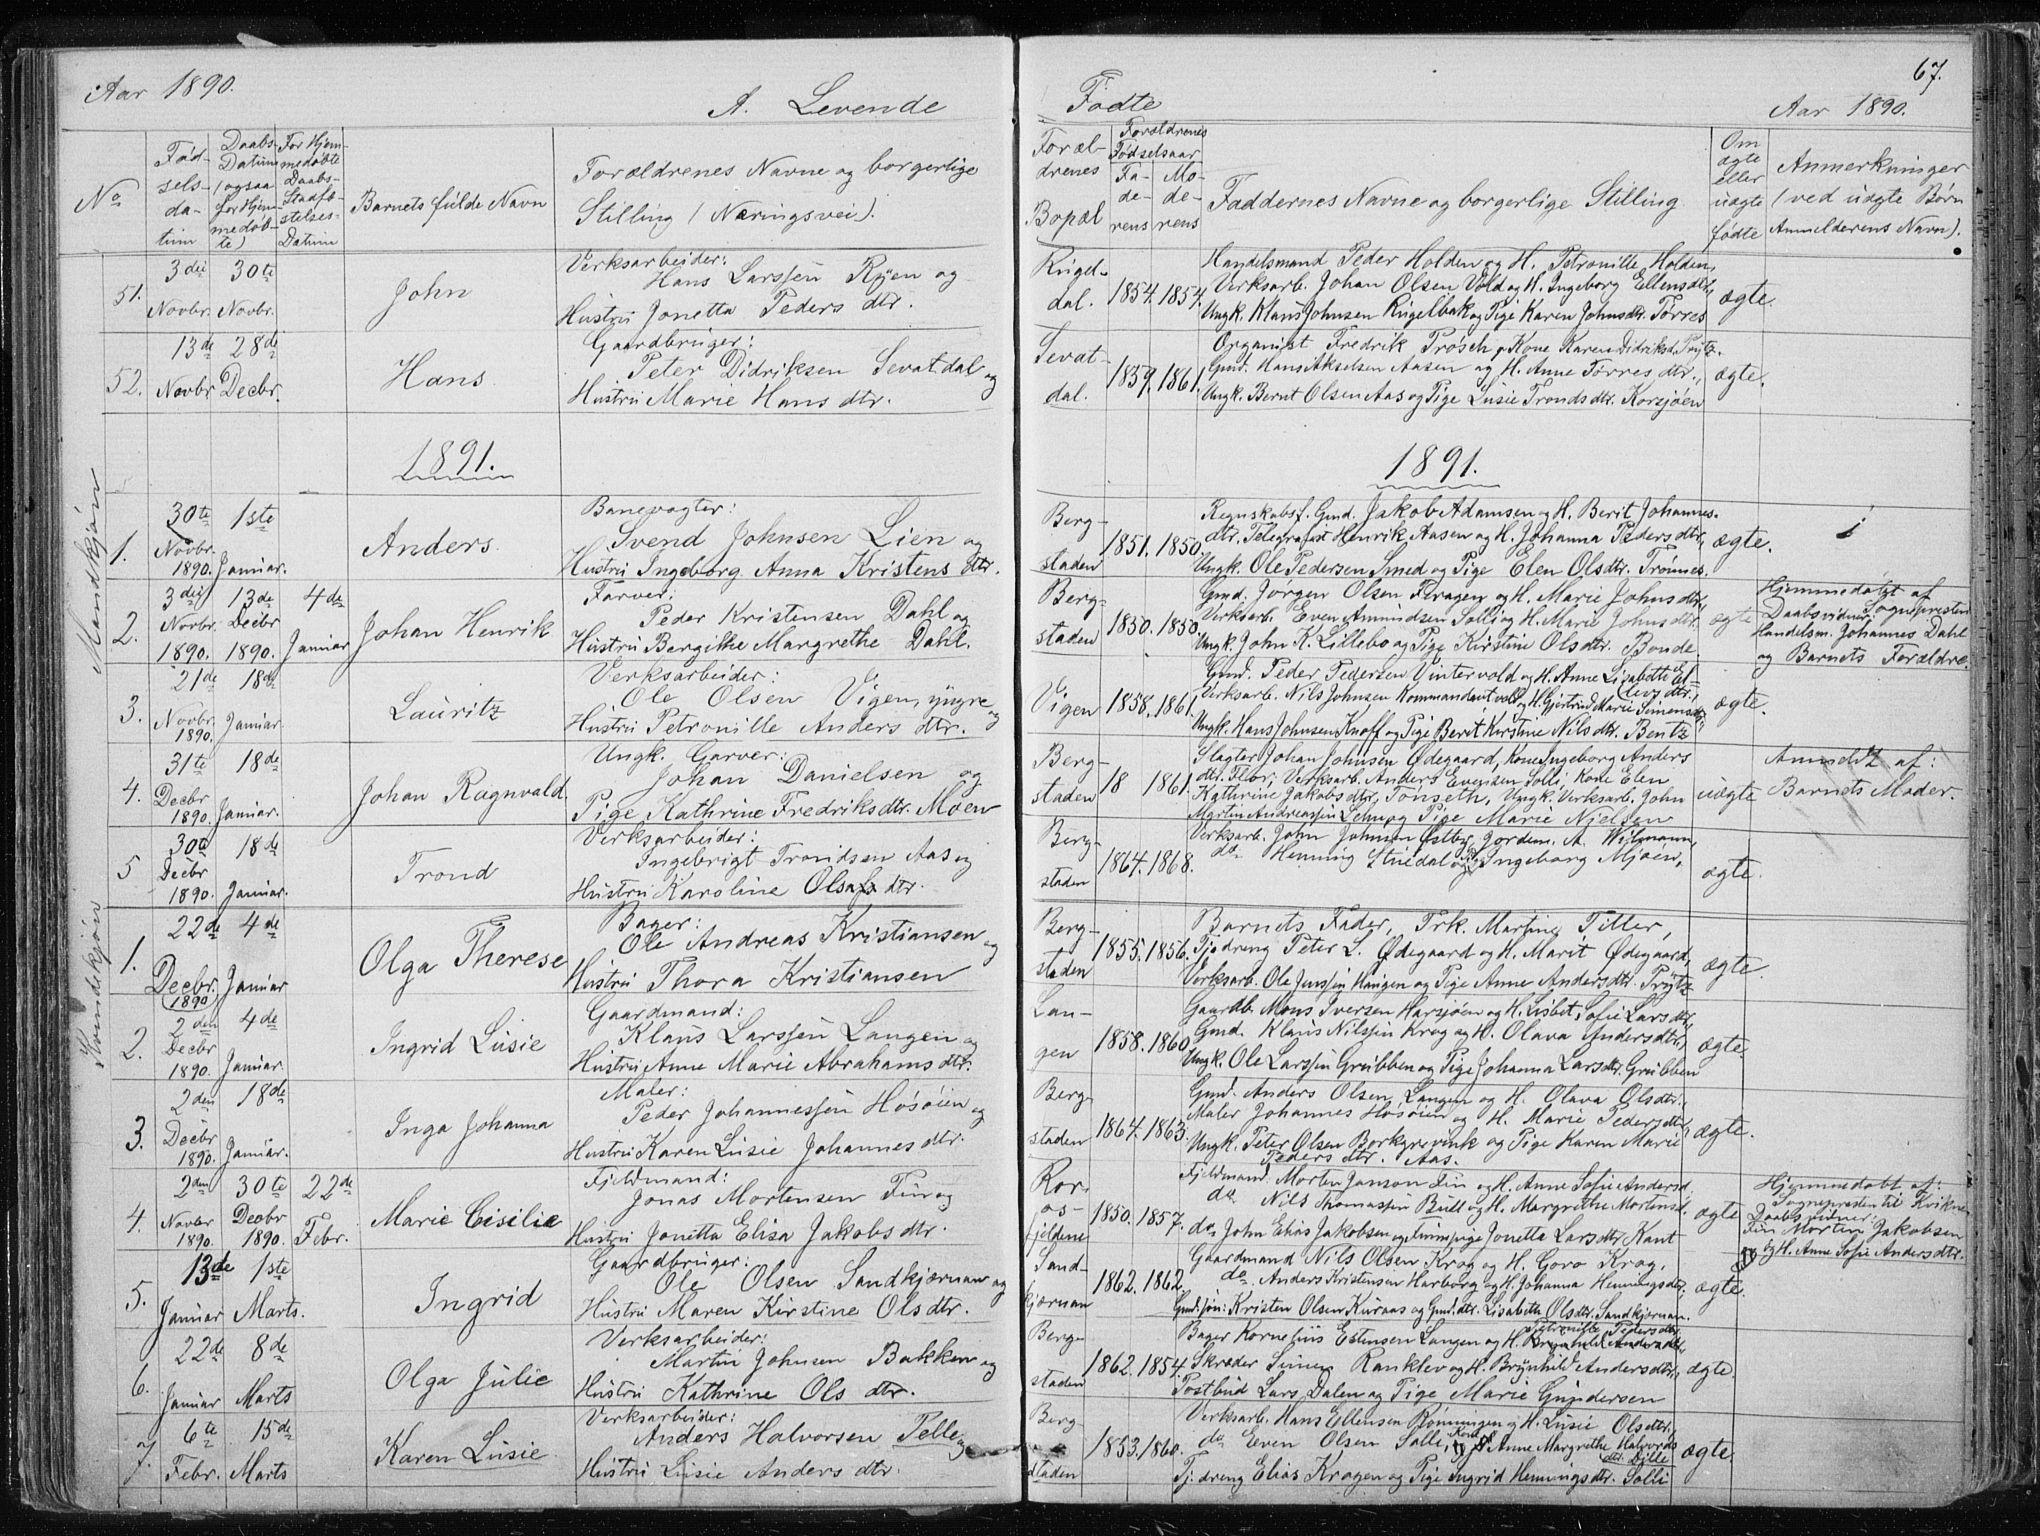 SAT, Ministerialprotokoller, klokkerbøker og fødselsregistre - Sør-Trøndelag, 681/L0940: Klokkerbok nr. 681C04, 1880-1895, s. 67